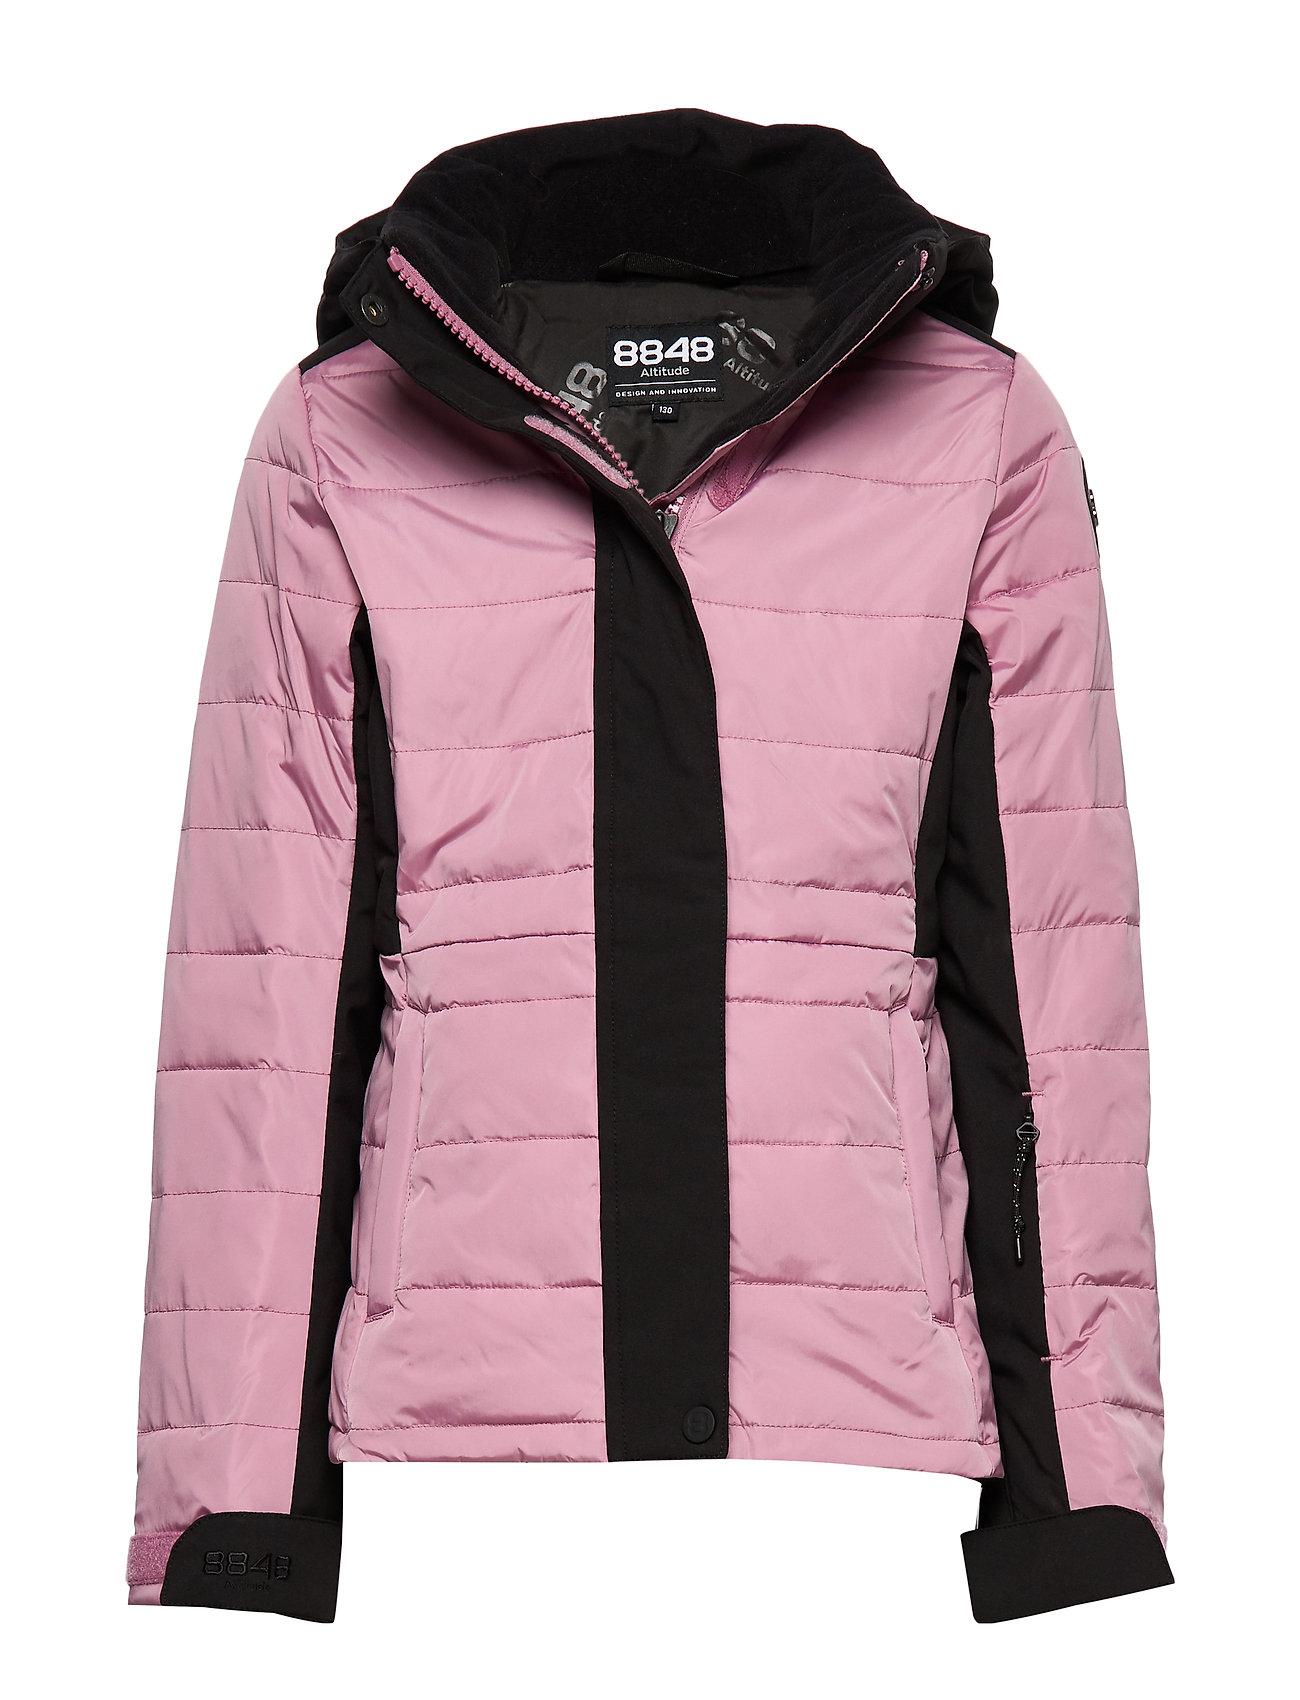 8848 Altitude Mini JR Jacket - ROSE